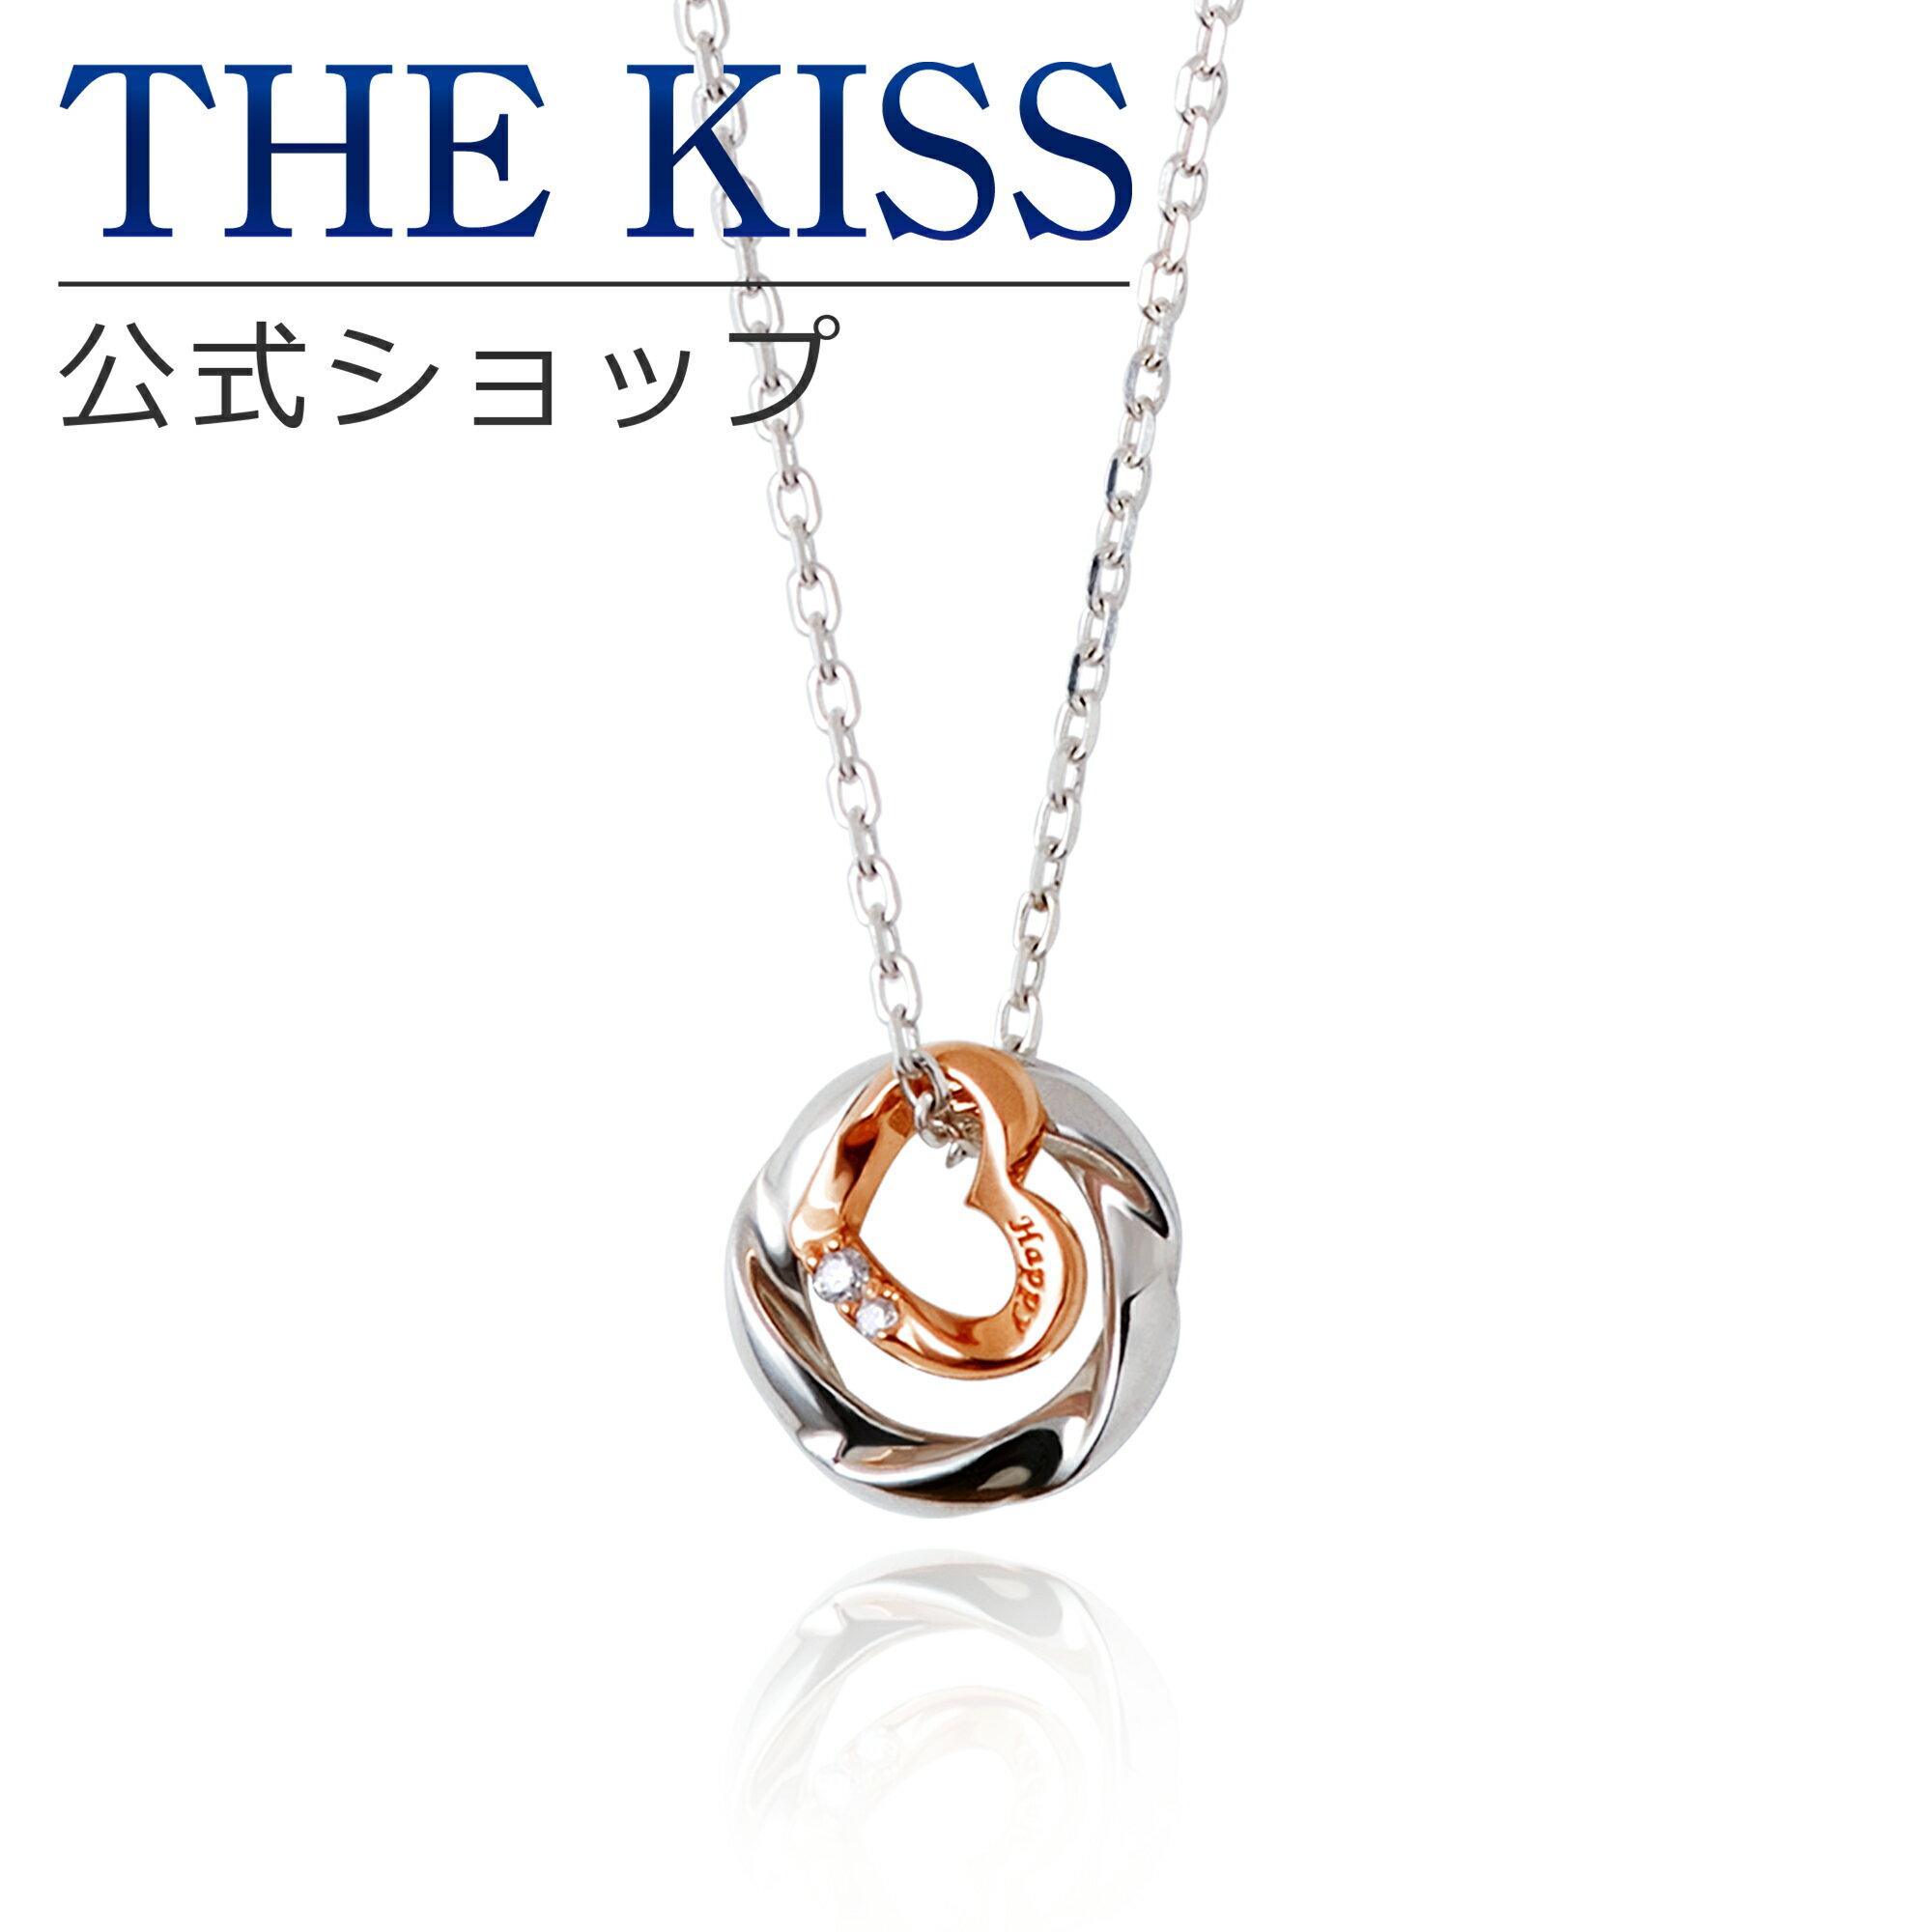 THE KISS 公式サイト シルバー ペアネックレス (レディース 単品) ペアアクセサリー カップル に 人気 の ジュエリーブランド THEKISS ペア ネックレス・ペンダント 記念日 プレゼント SPD772DM ザキス 【送料無料】